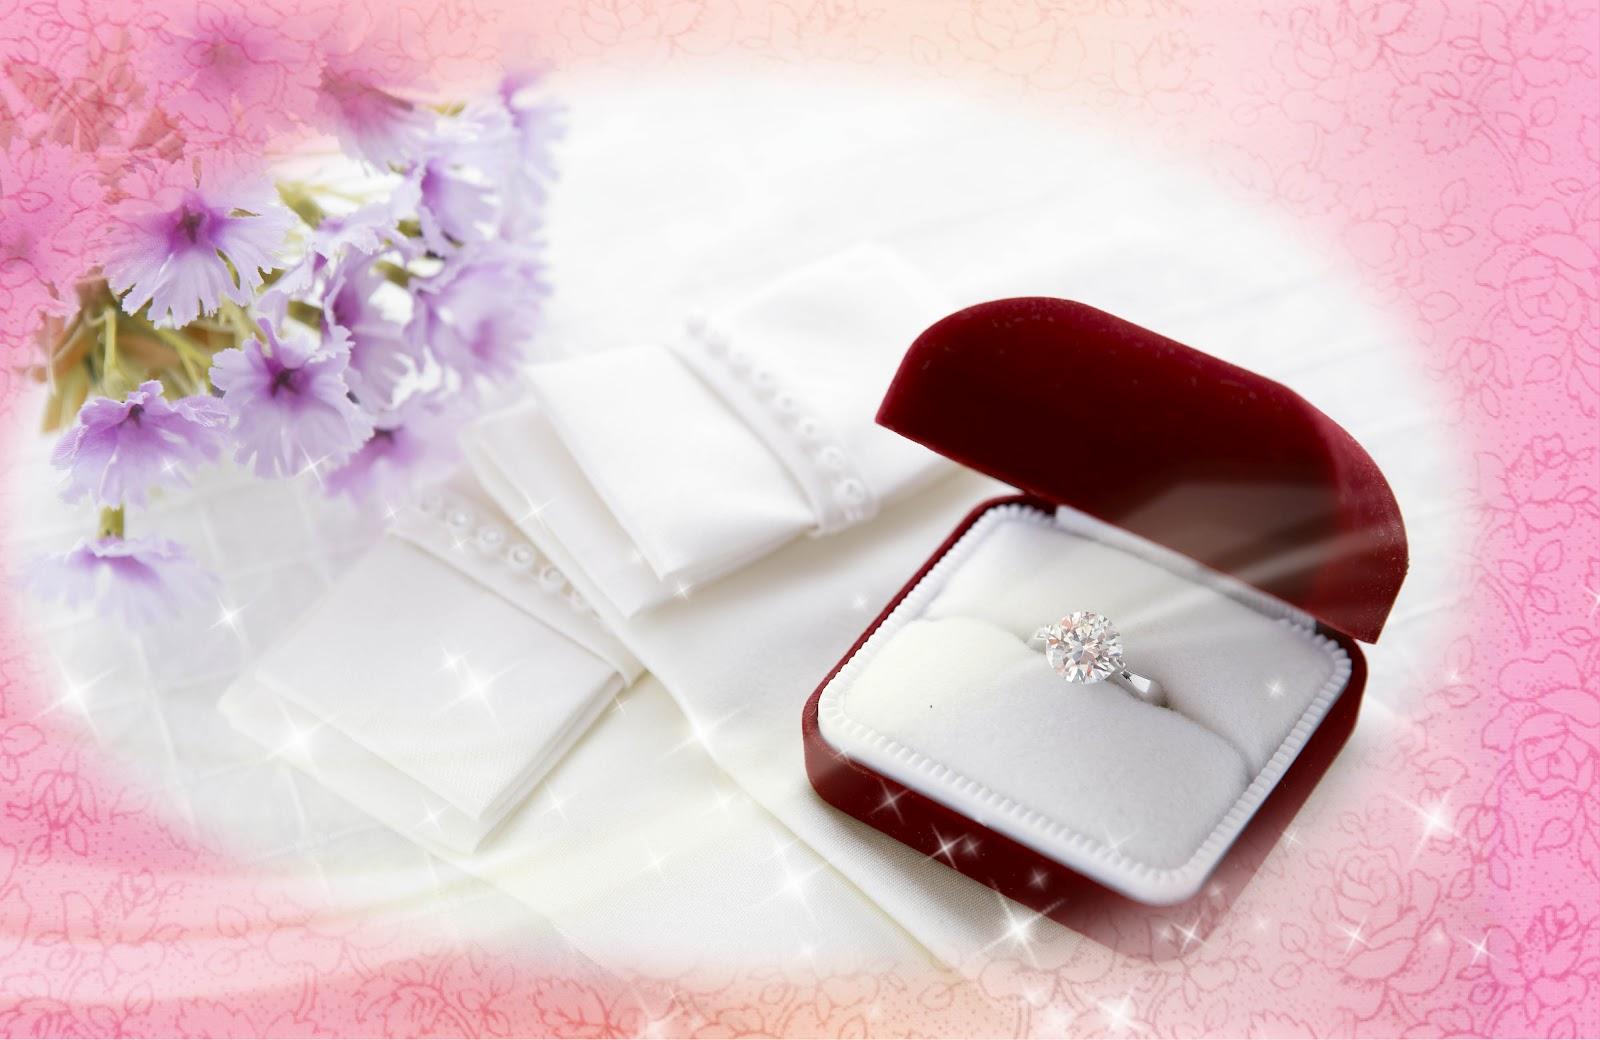 descargar imagenes de anillos de boda - IMAGENES DE AMOR ANILLOS DE COMPROMISO